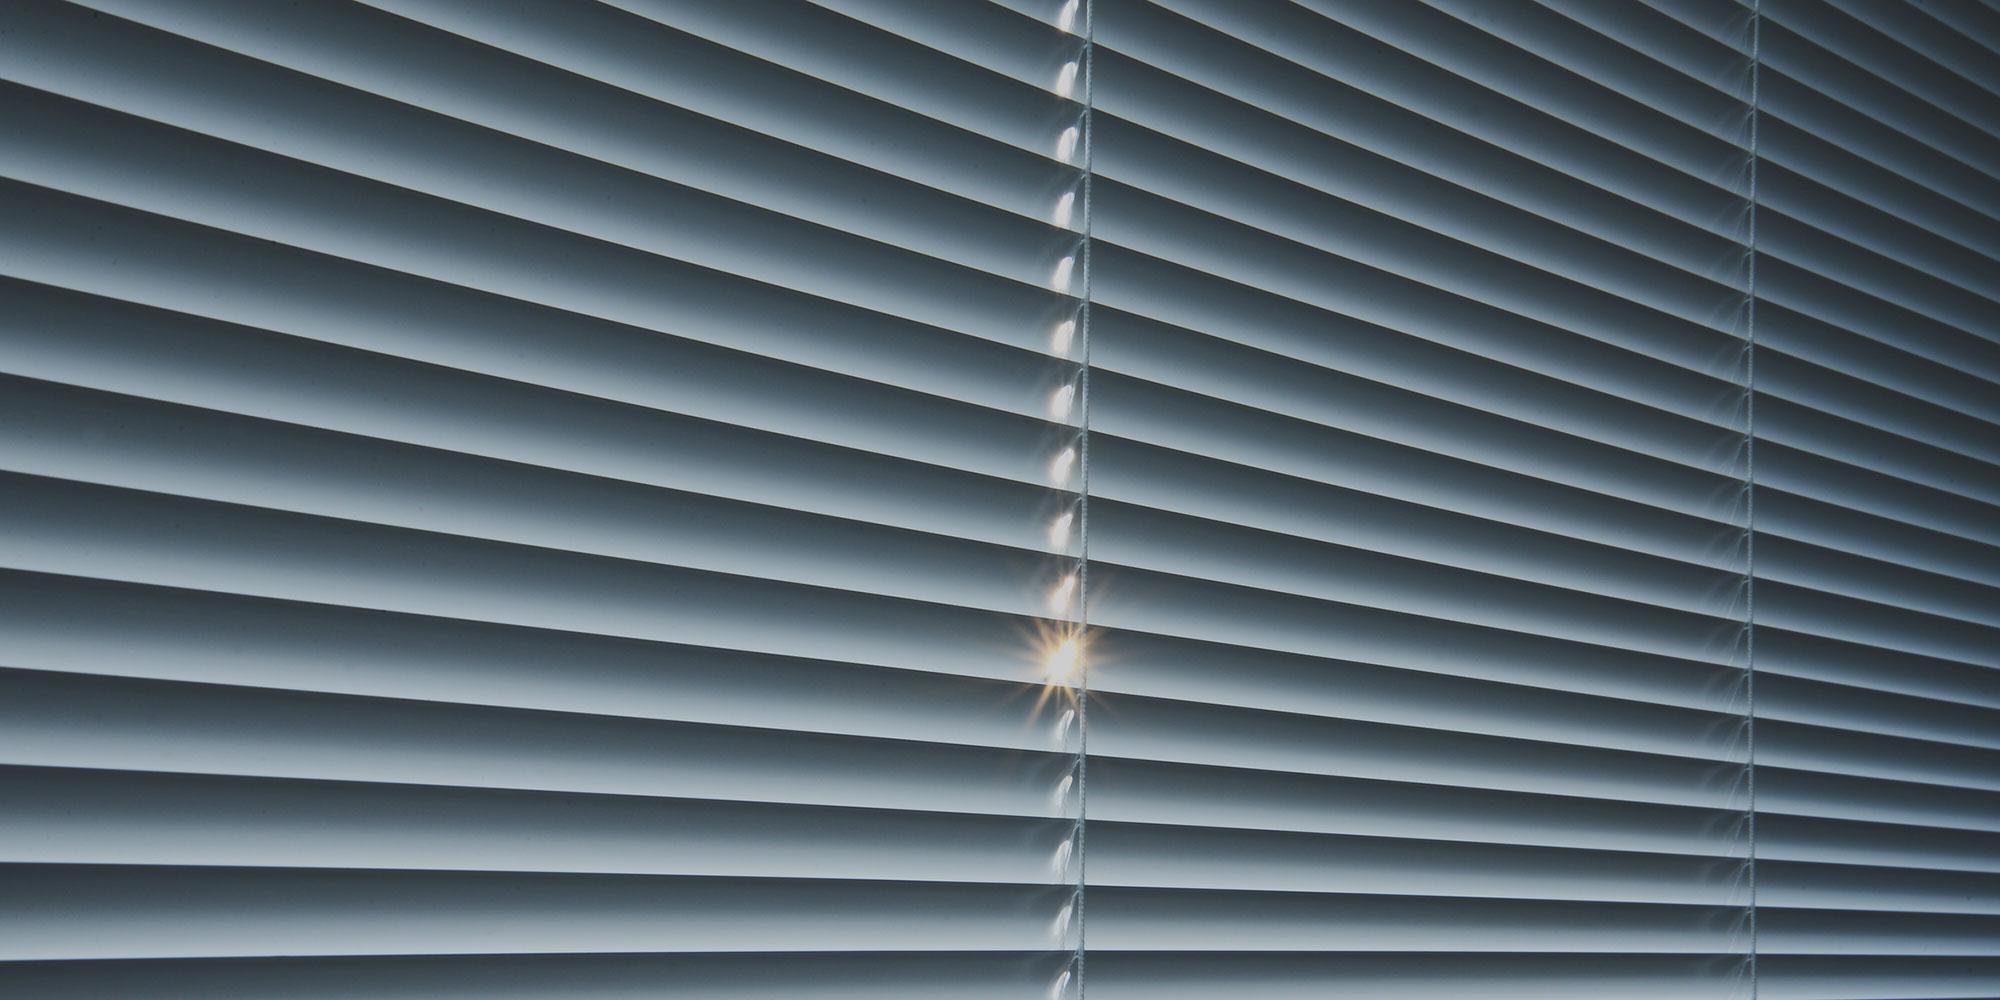 Full Size of Sonnenschutz Fenster Willkommen Bei Sw Rollladen Trocal Sicherheitsfolie Anthrazit Mit Rolladenkasten Sprossen Jalousien Innen Winkhaus Maße De Insektenschutz Fenster Sonnenschutz Fenster